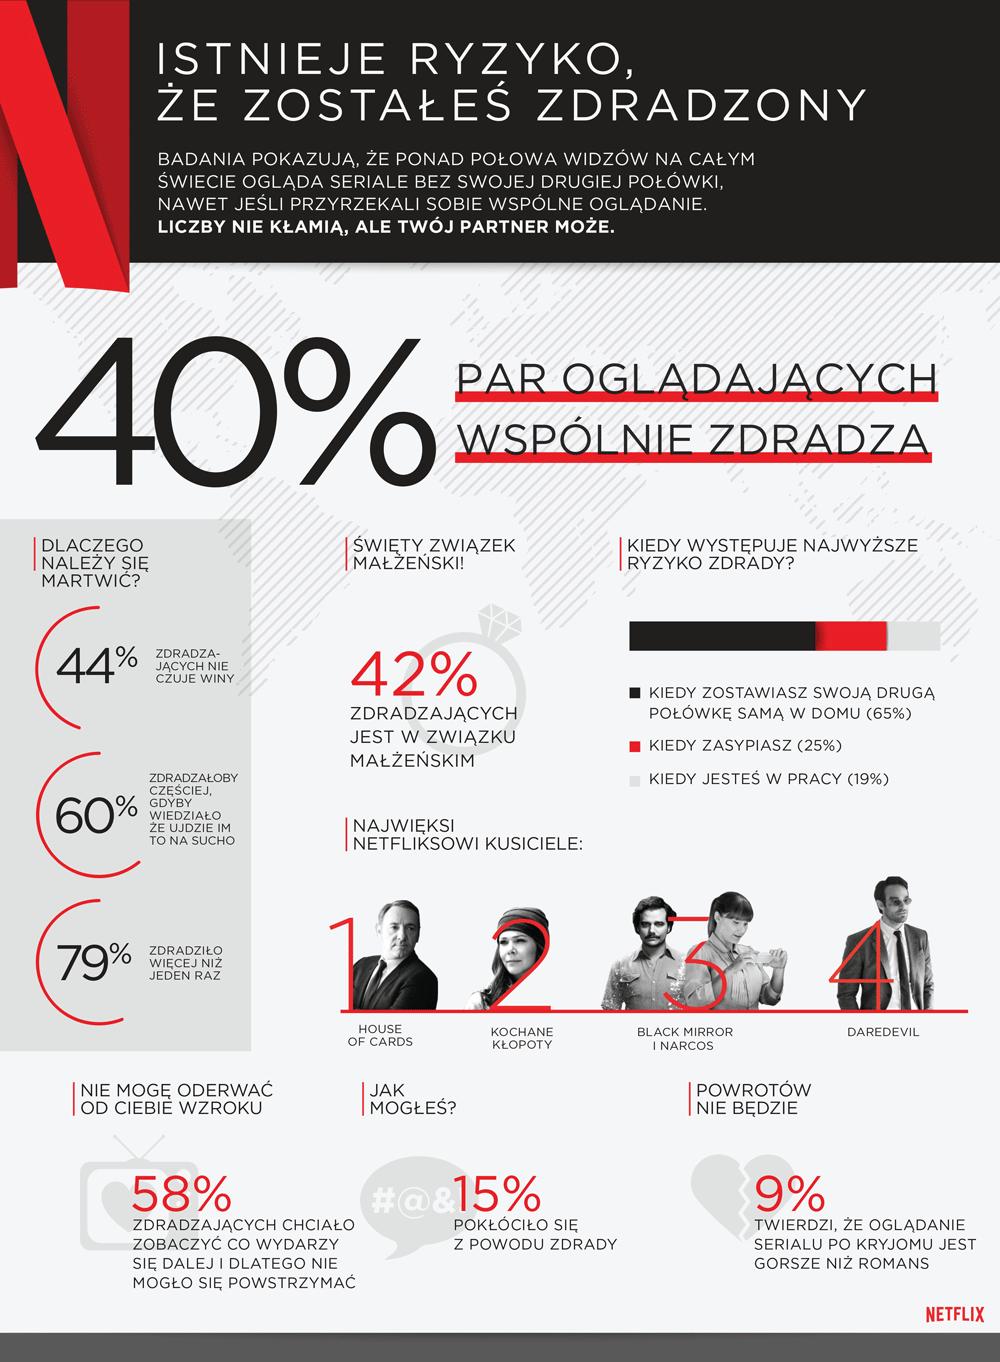 Netflixowa zdrada (wyniki badania) - infografika